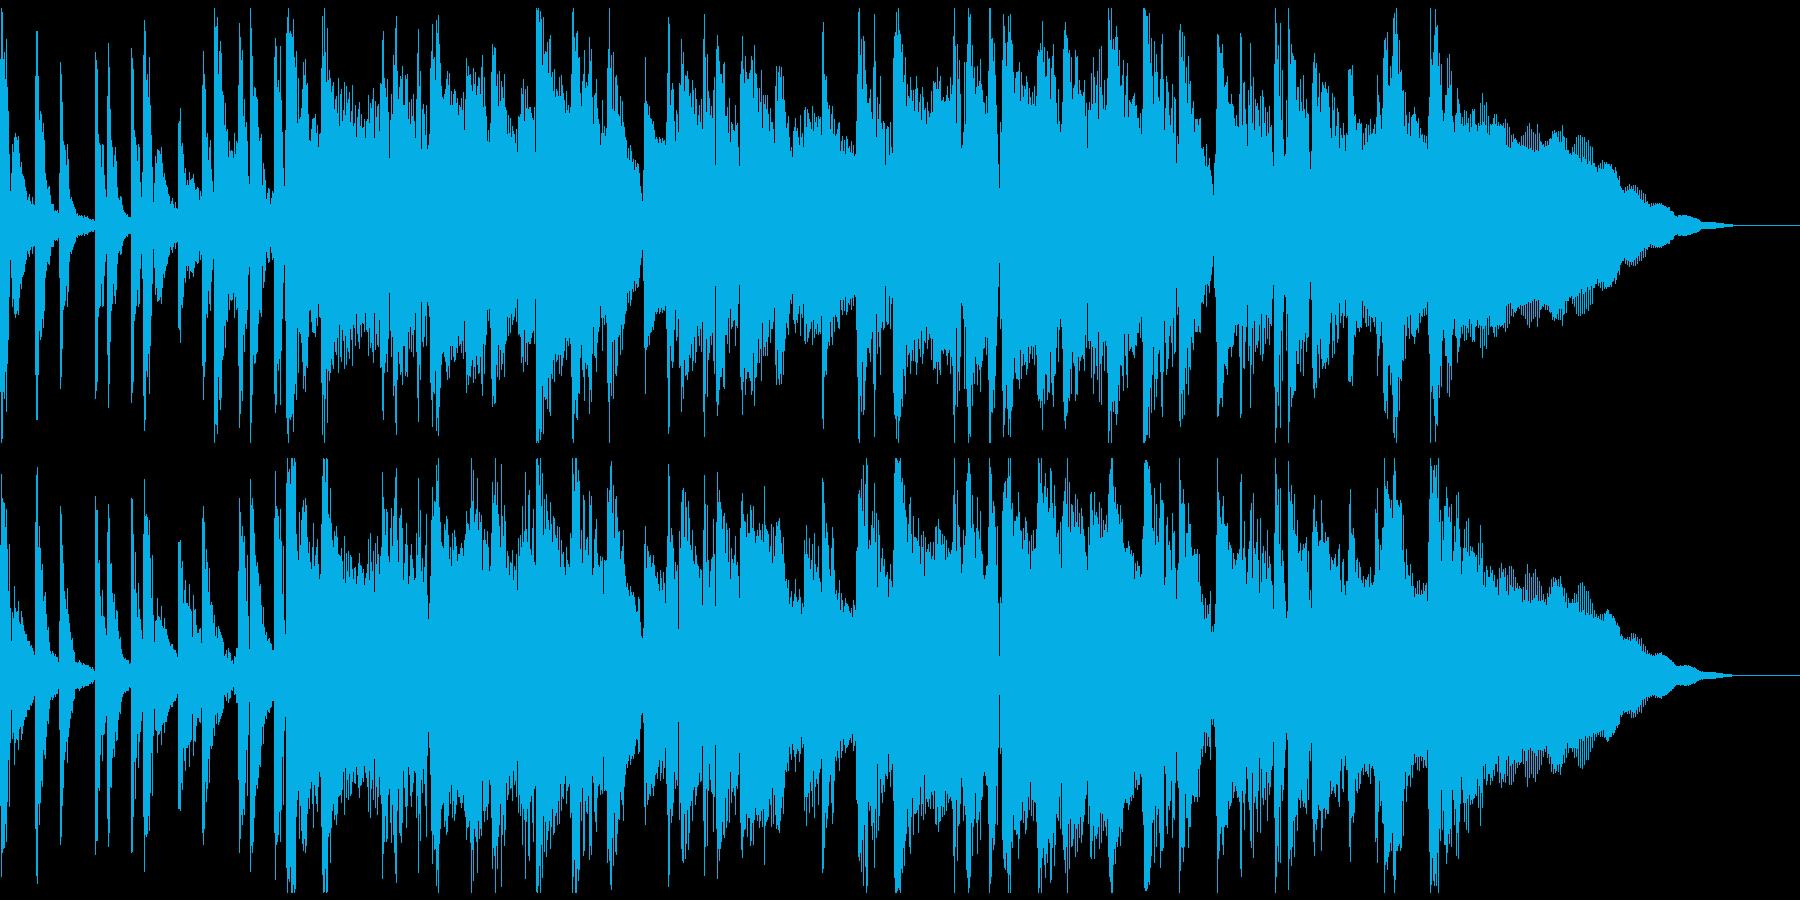 サックスを使ったジャズ風ジングルの再生済みの波形